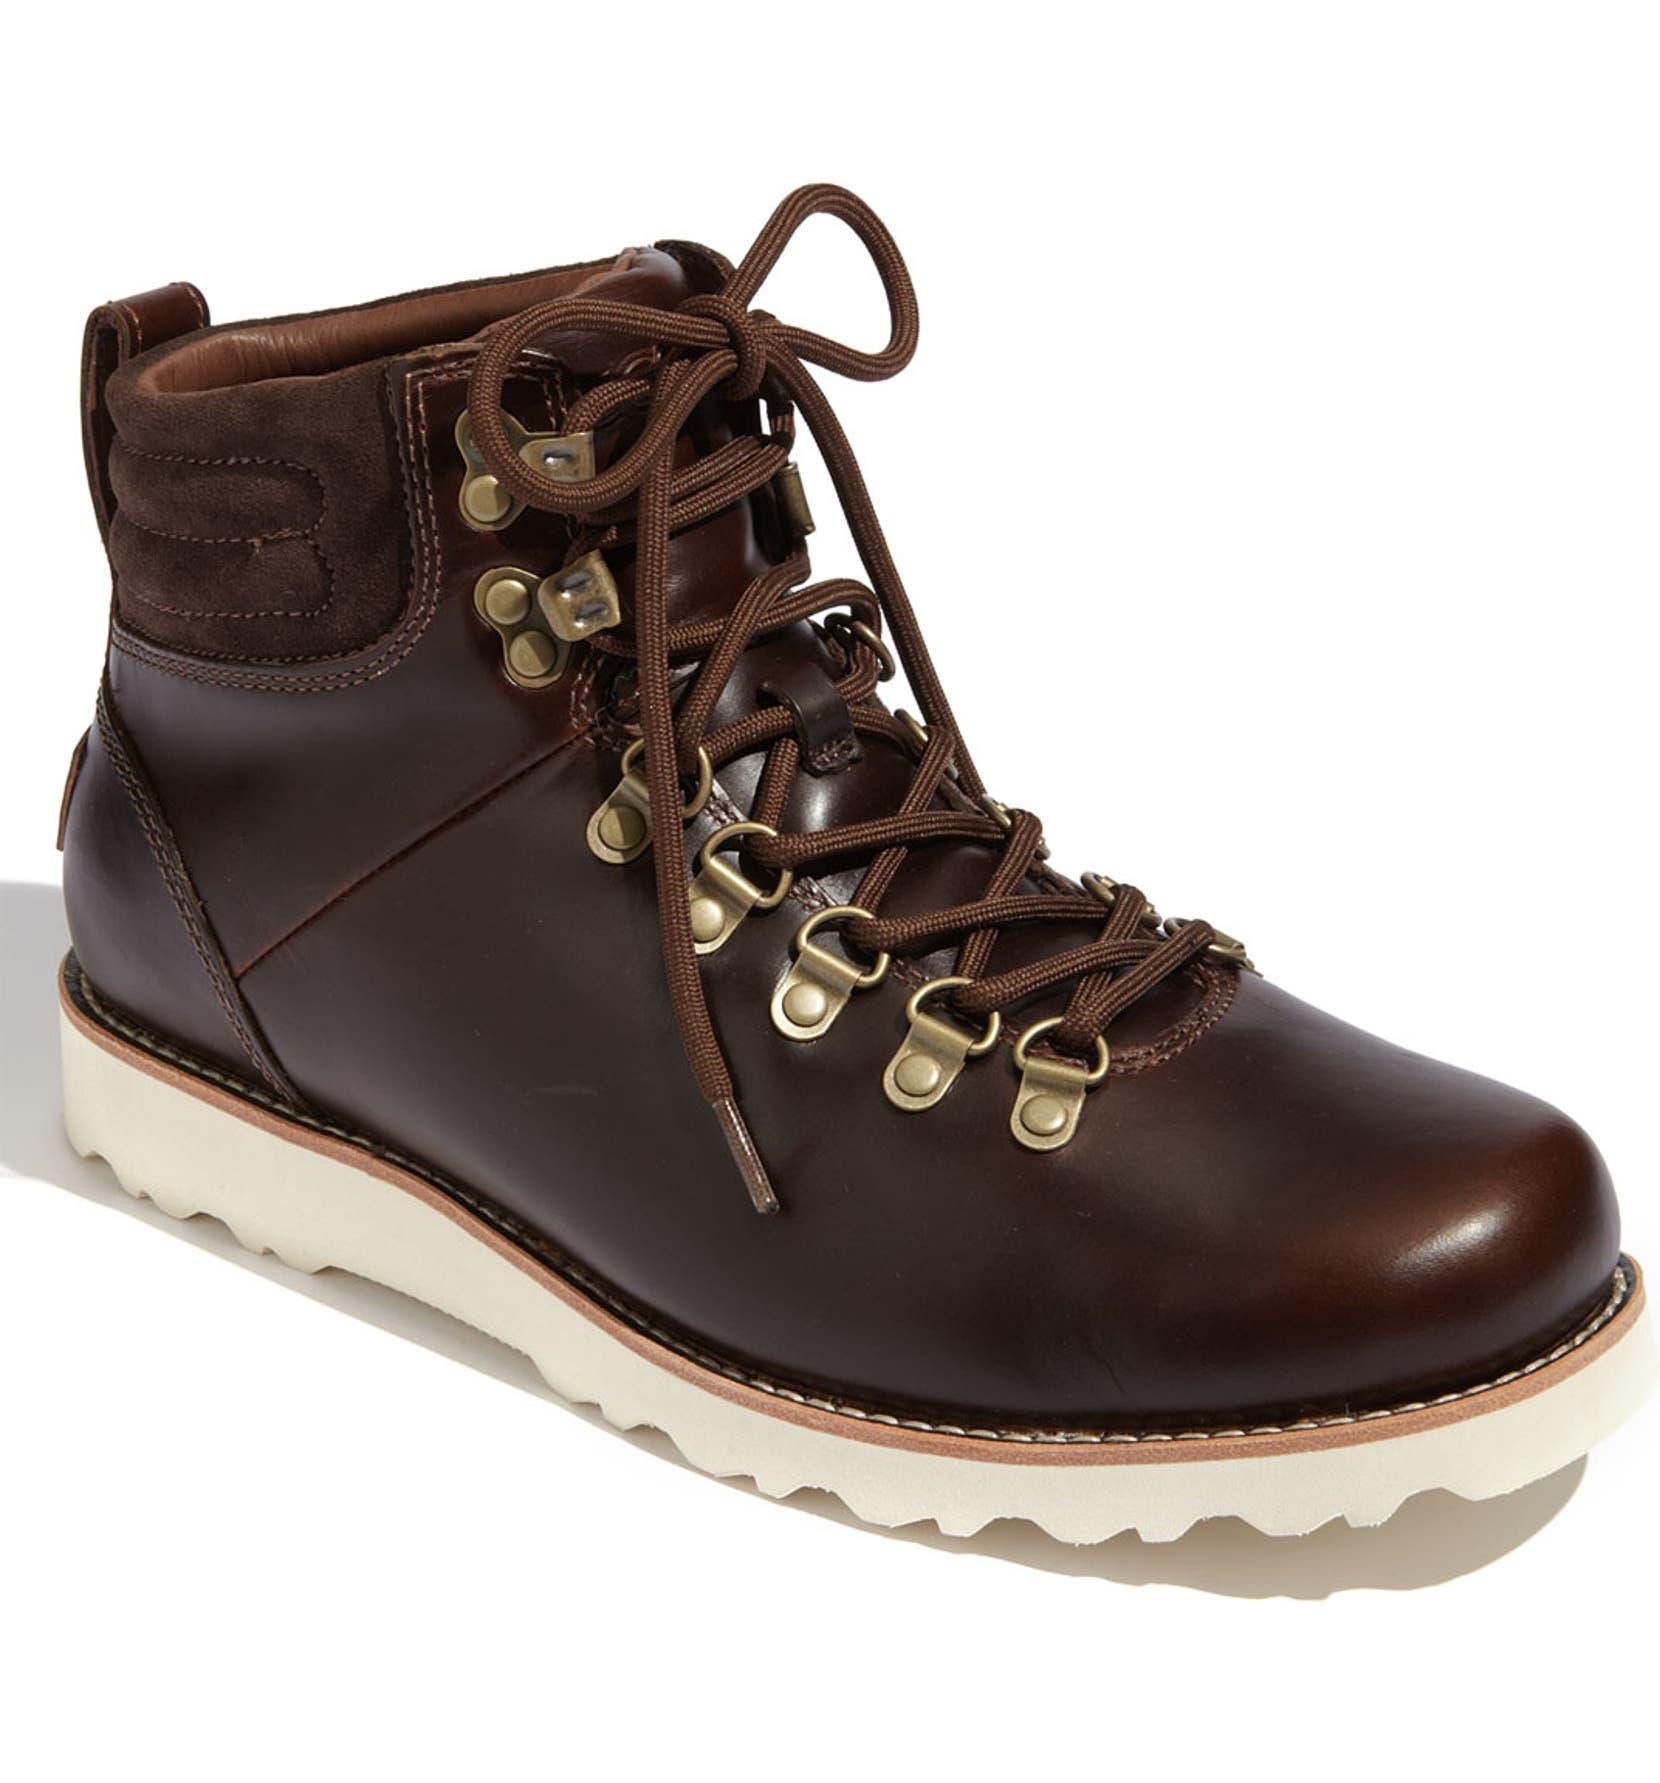 5efb43f0437 Australia 'Capulin' Boot